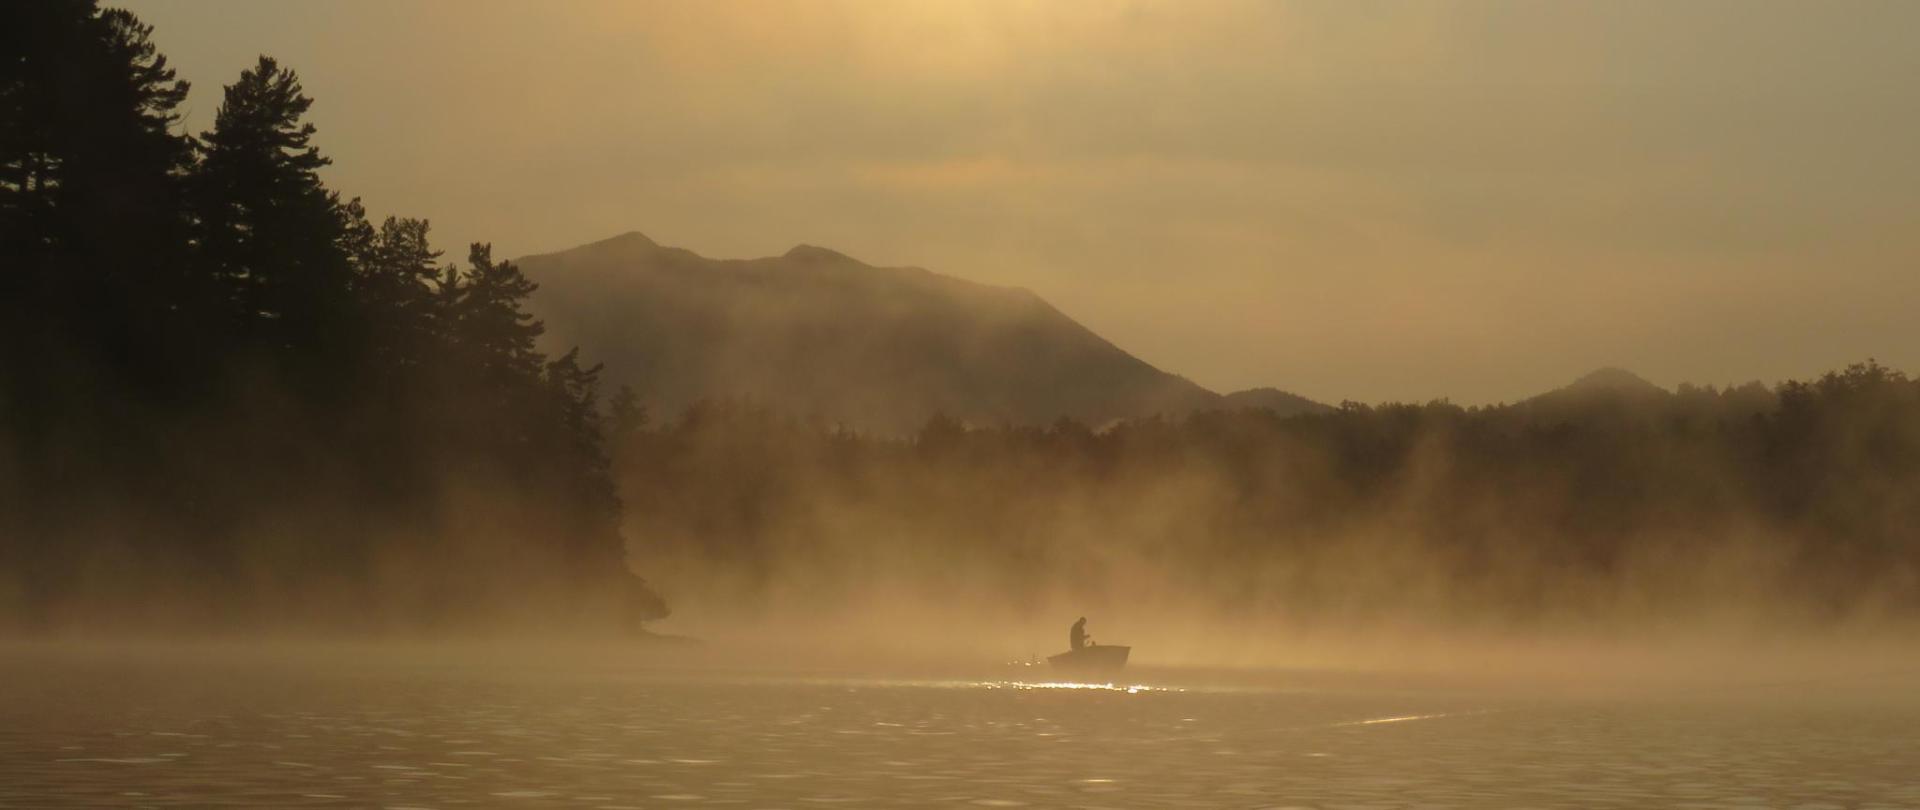 mist_view.JPG